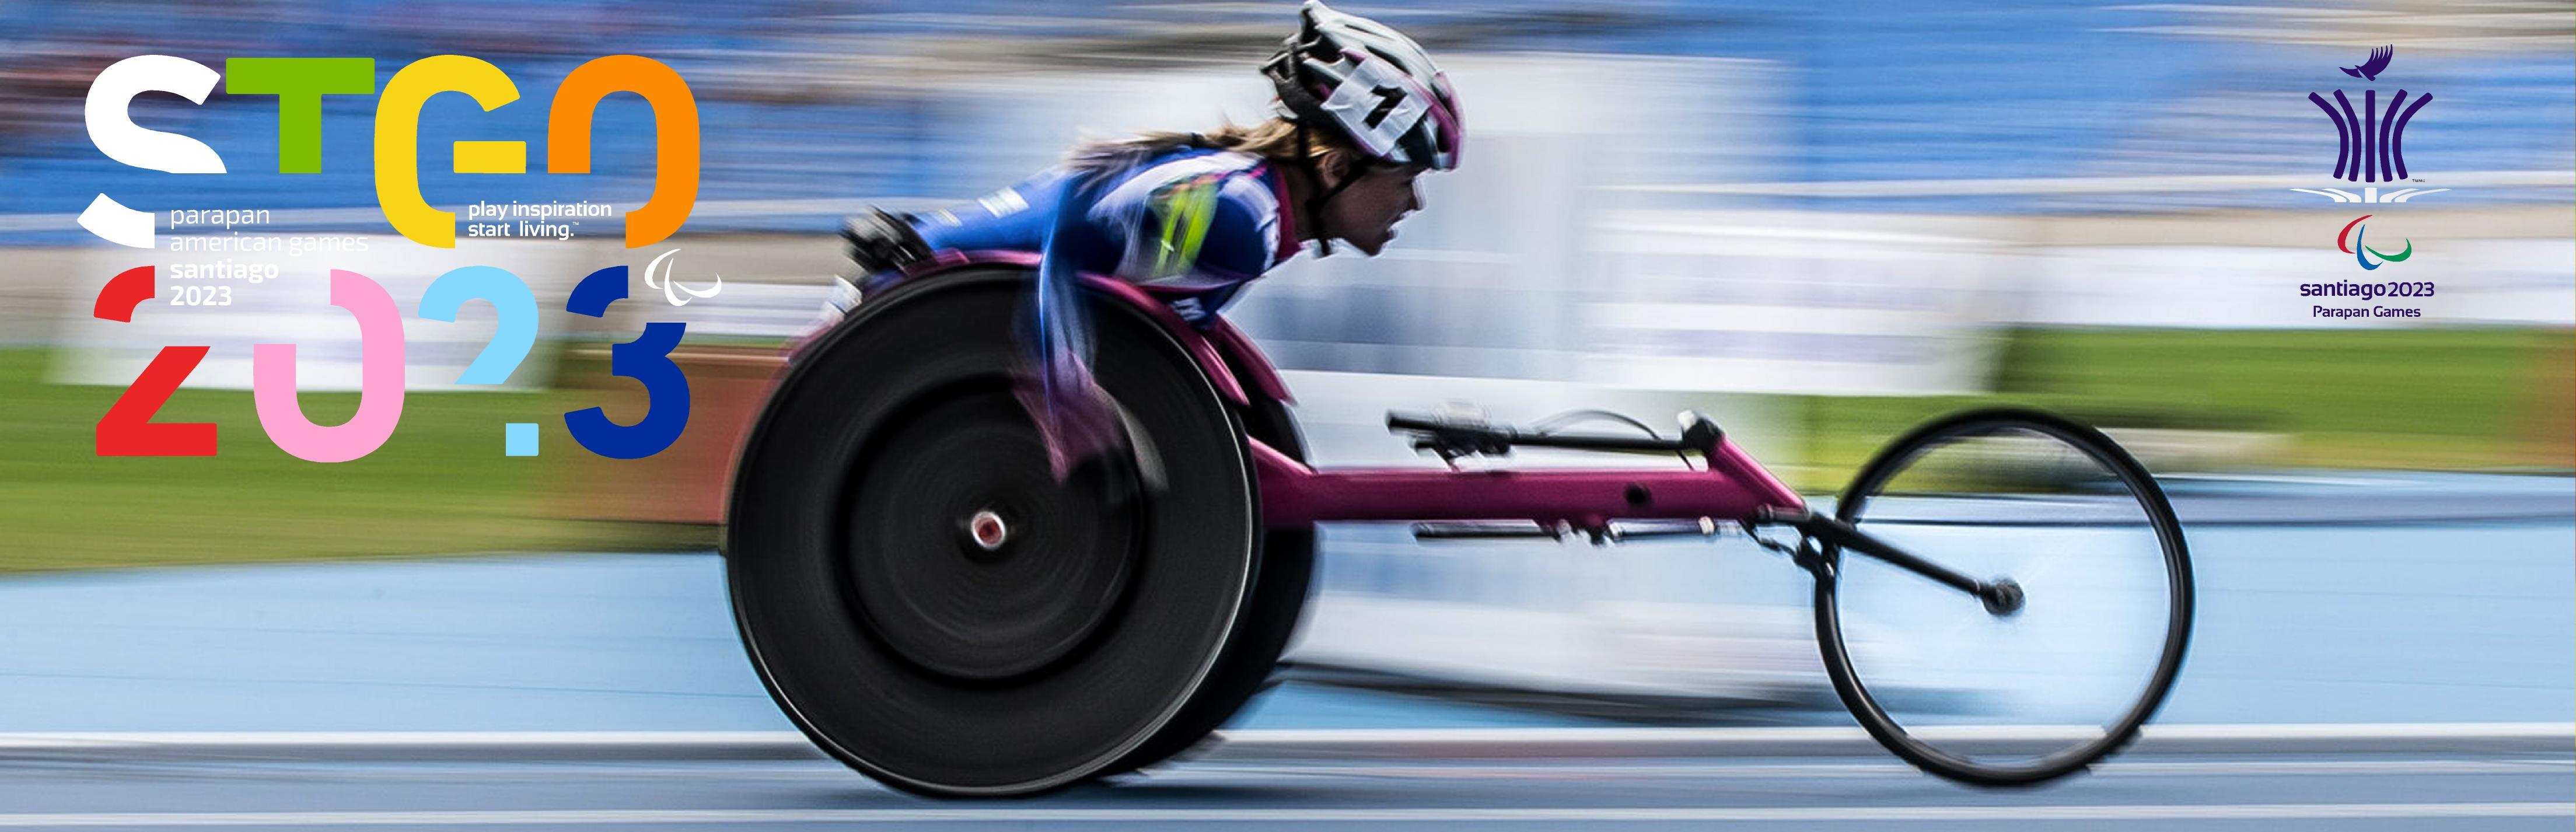 Juegos Parapanamericanos de Santiago 2023 – Categorias Inclusivas